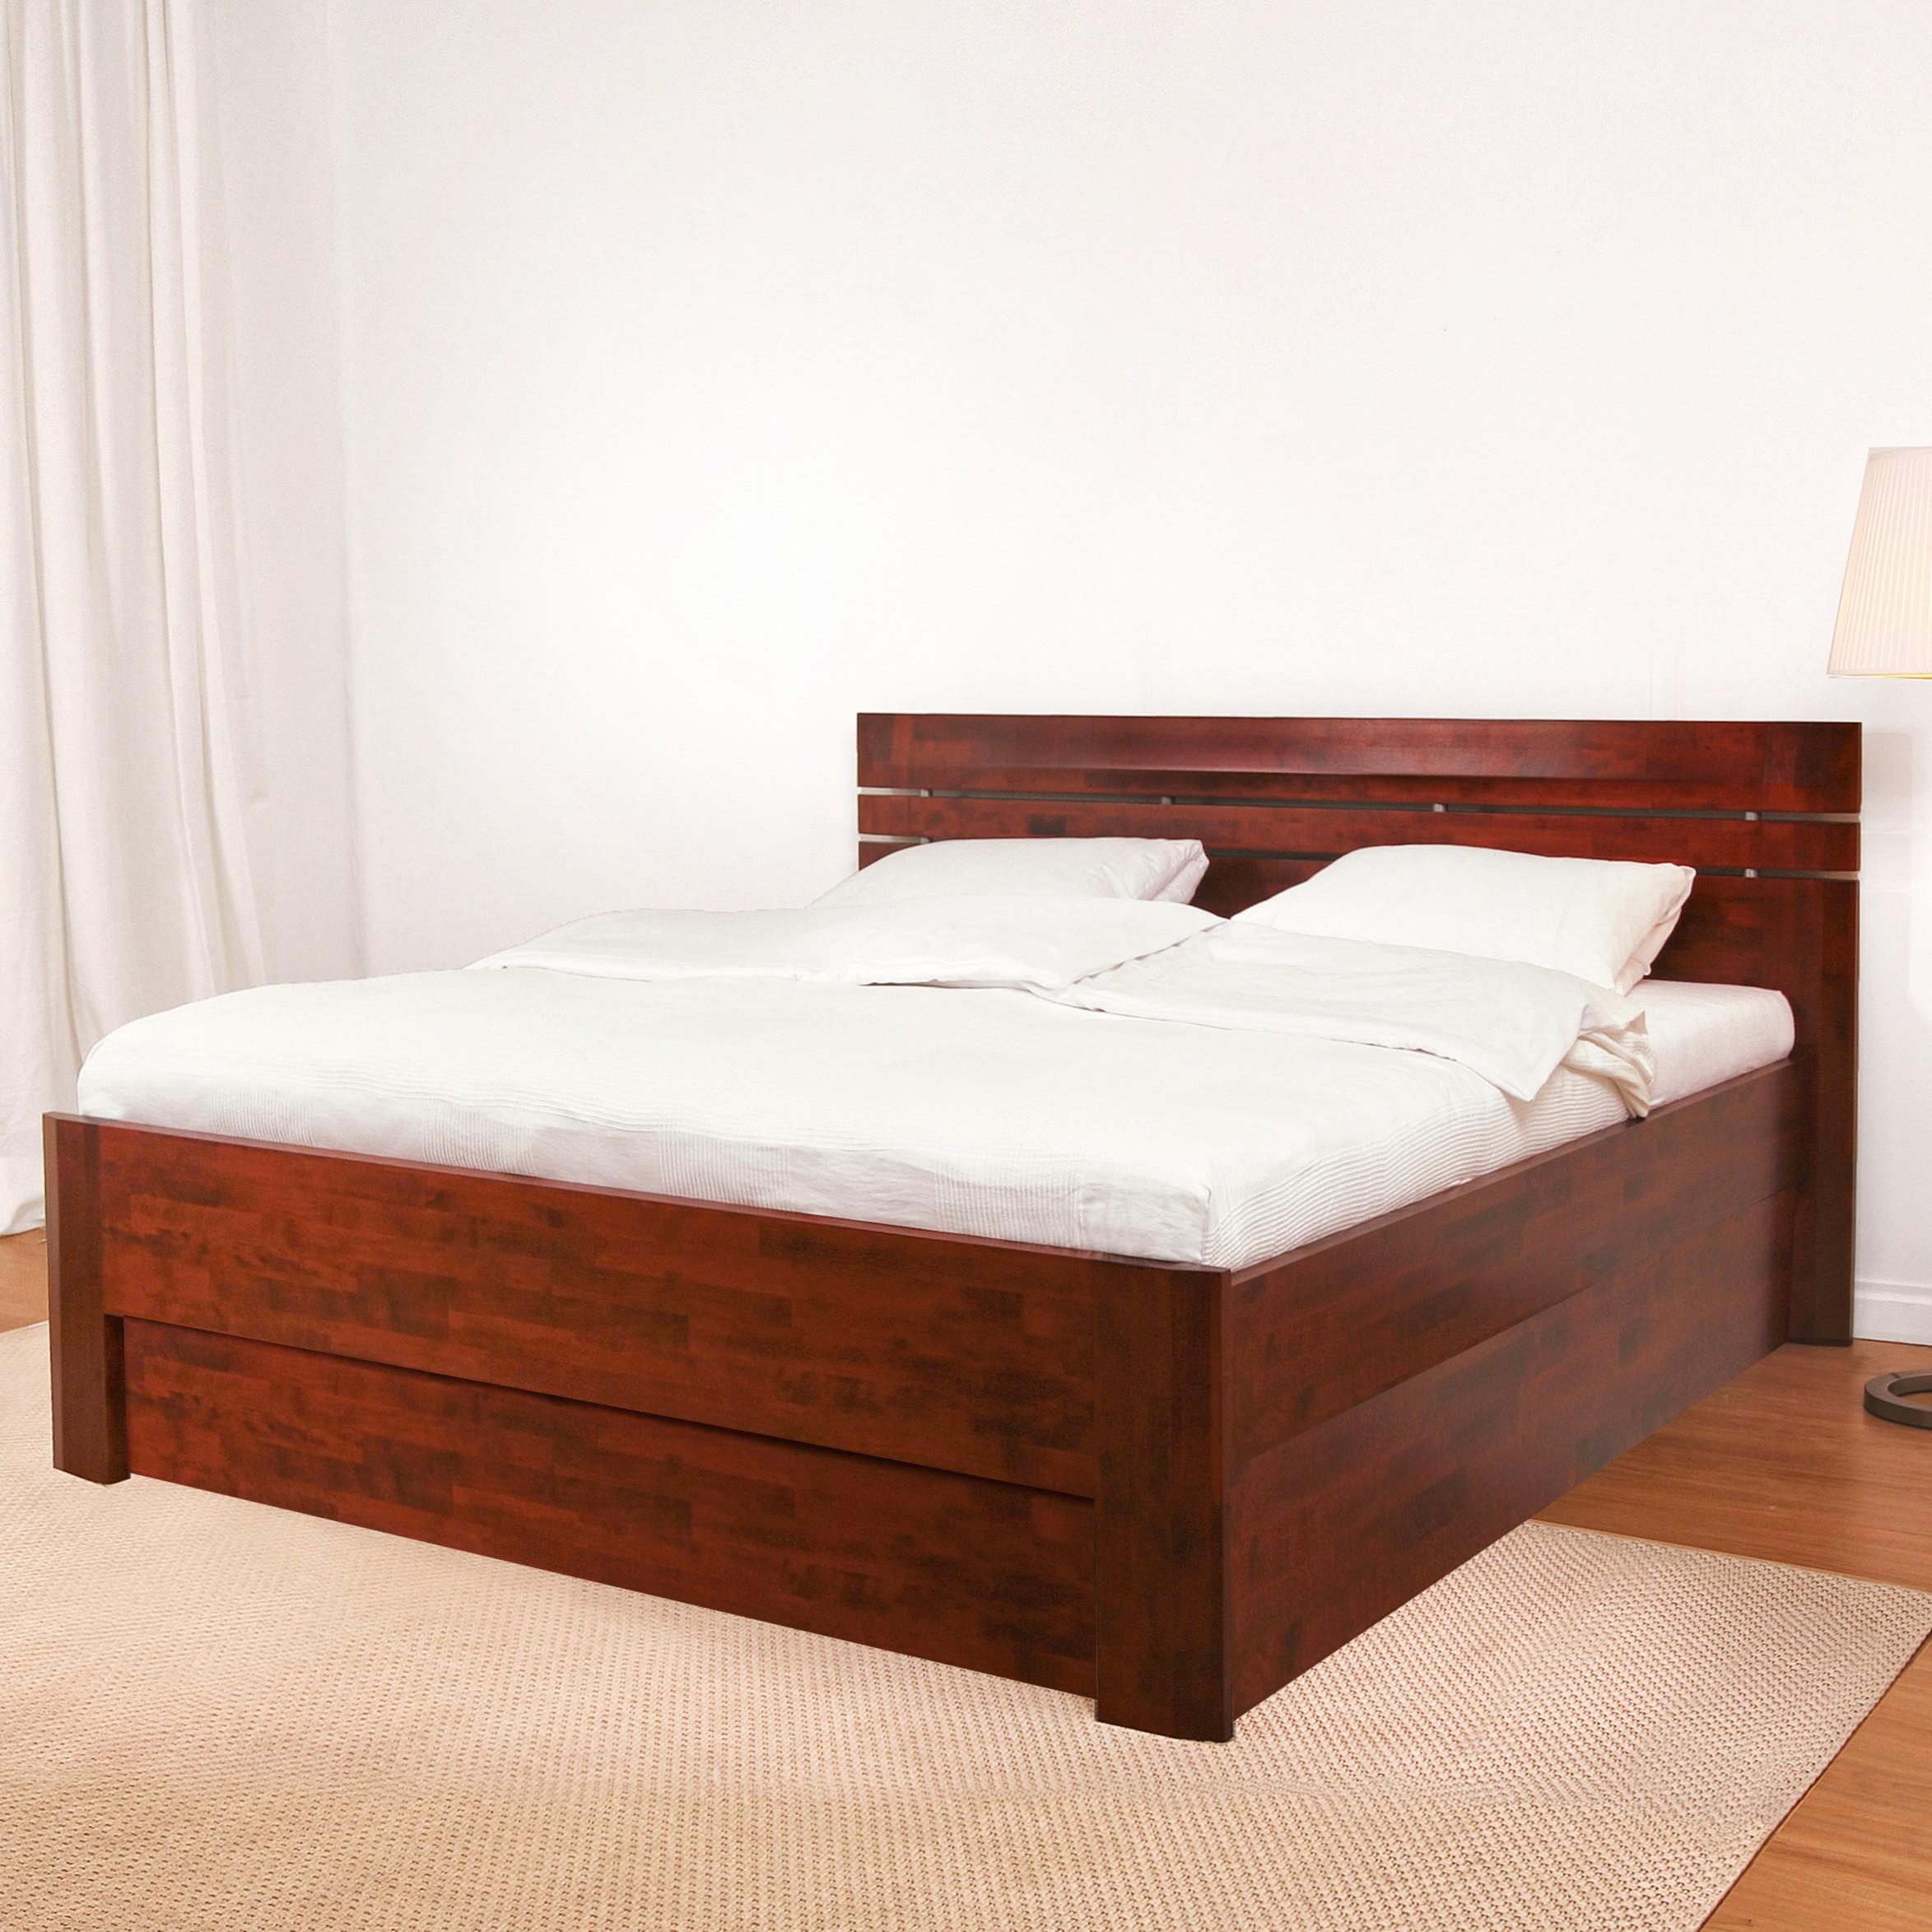 Zvýšená postel ELLA LUX VÝKLOP masiv buk -  BMB